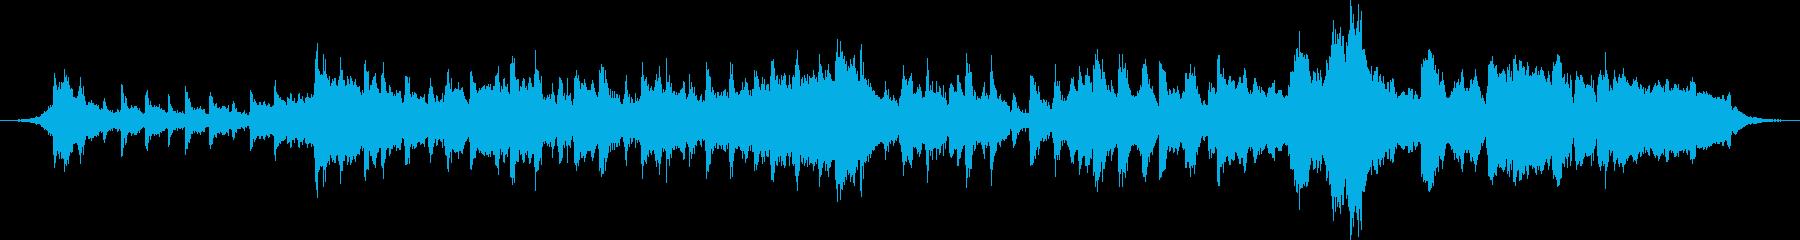 大河ドラマ風 戦シーンショートBGMの再生済みの波形